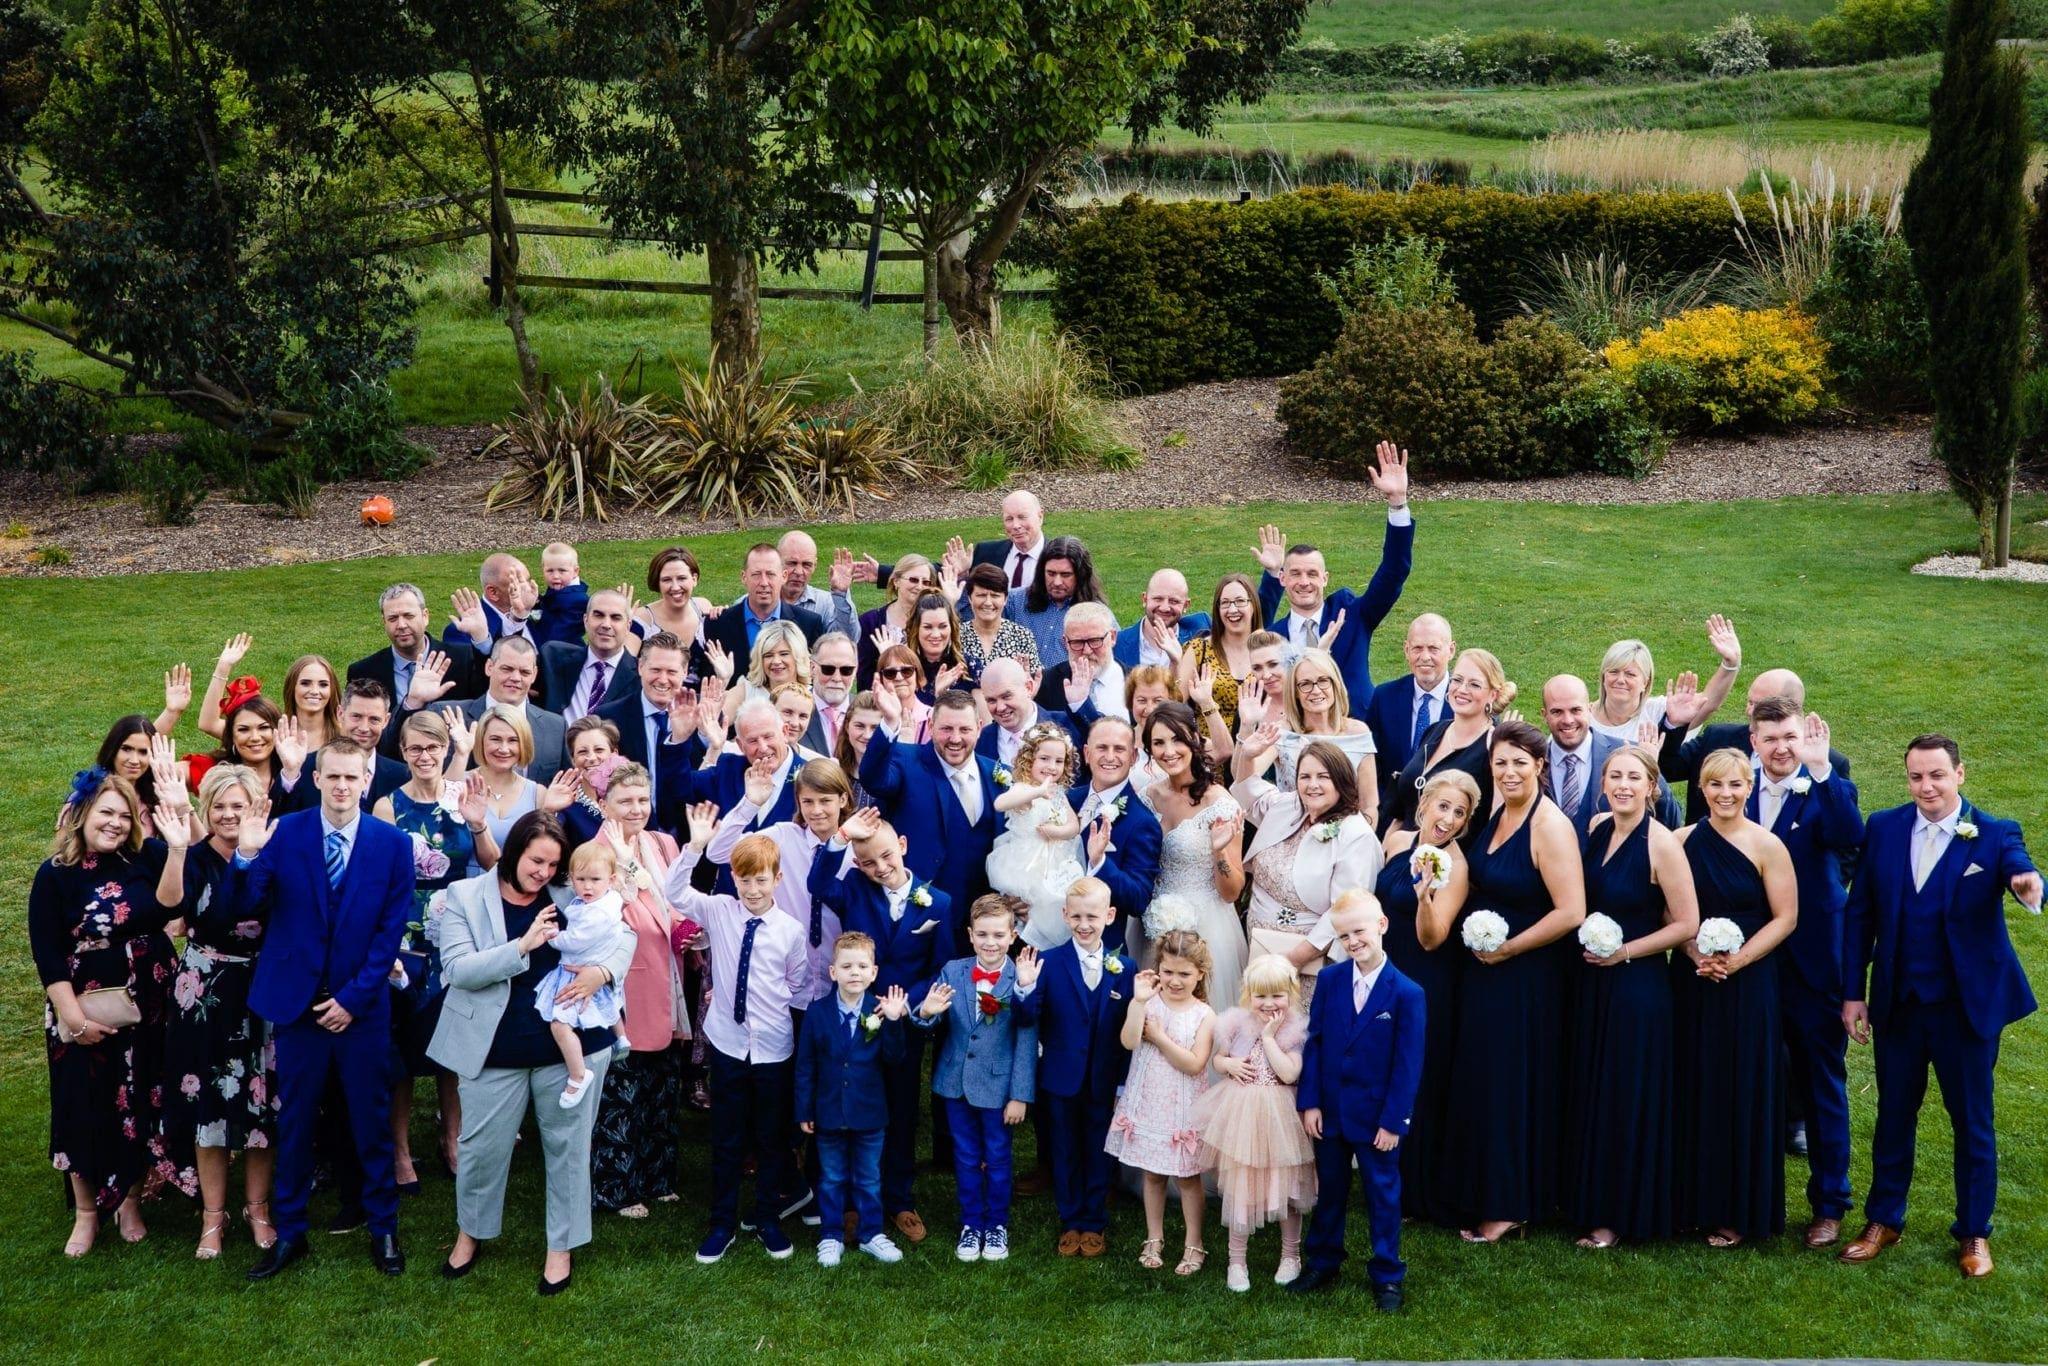 Essex Wedding Groups shot